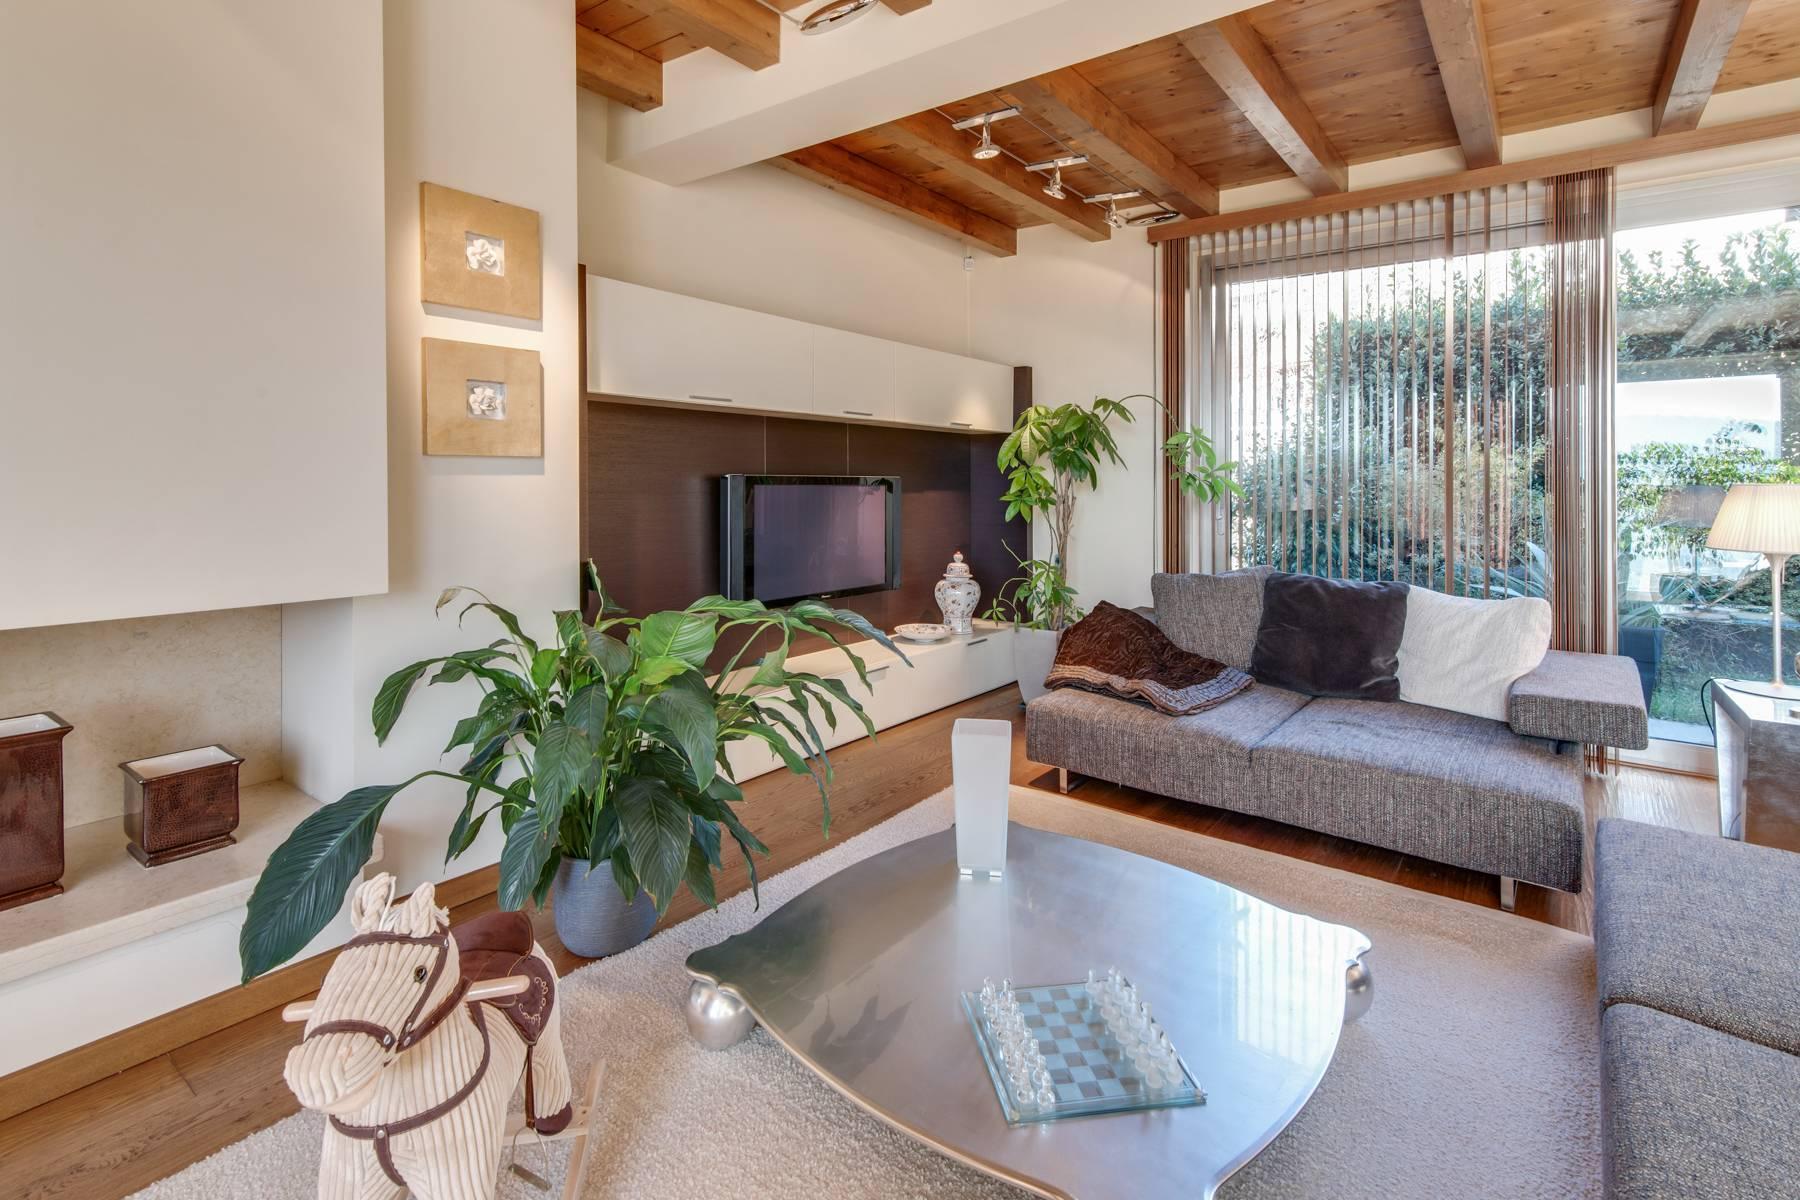 Villa in Vendita a Nembro via amilcare ponchielli